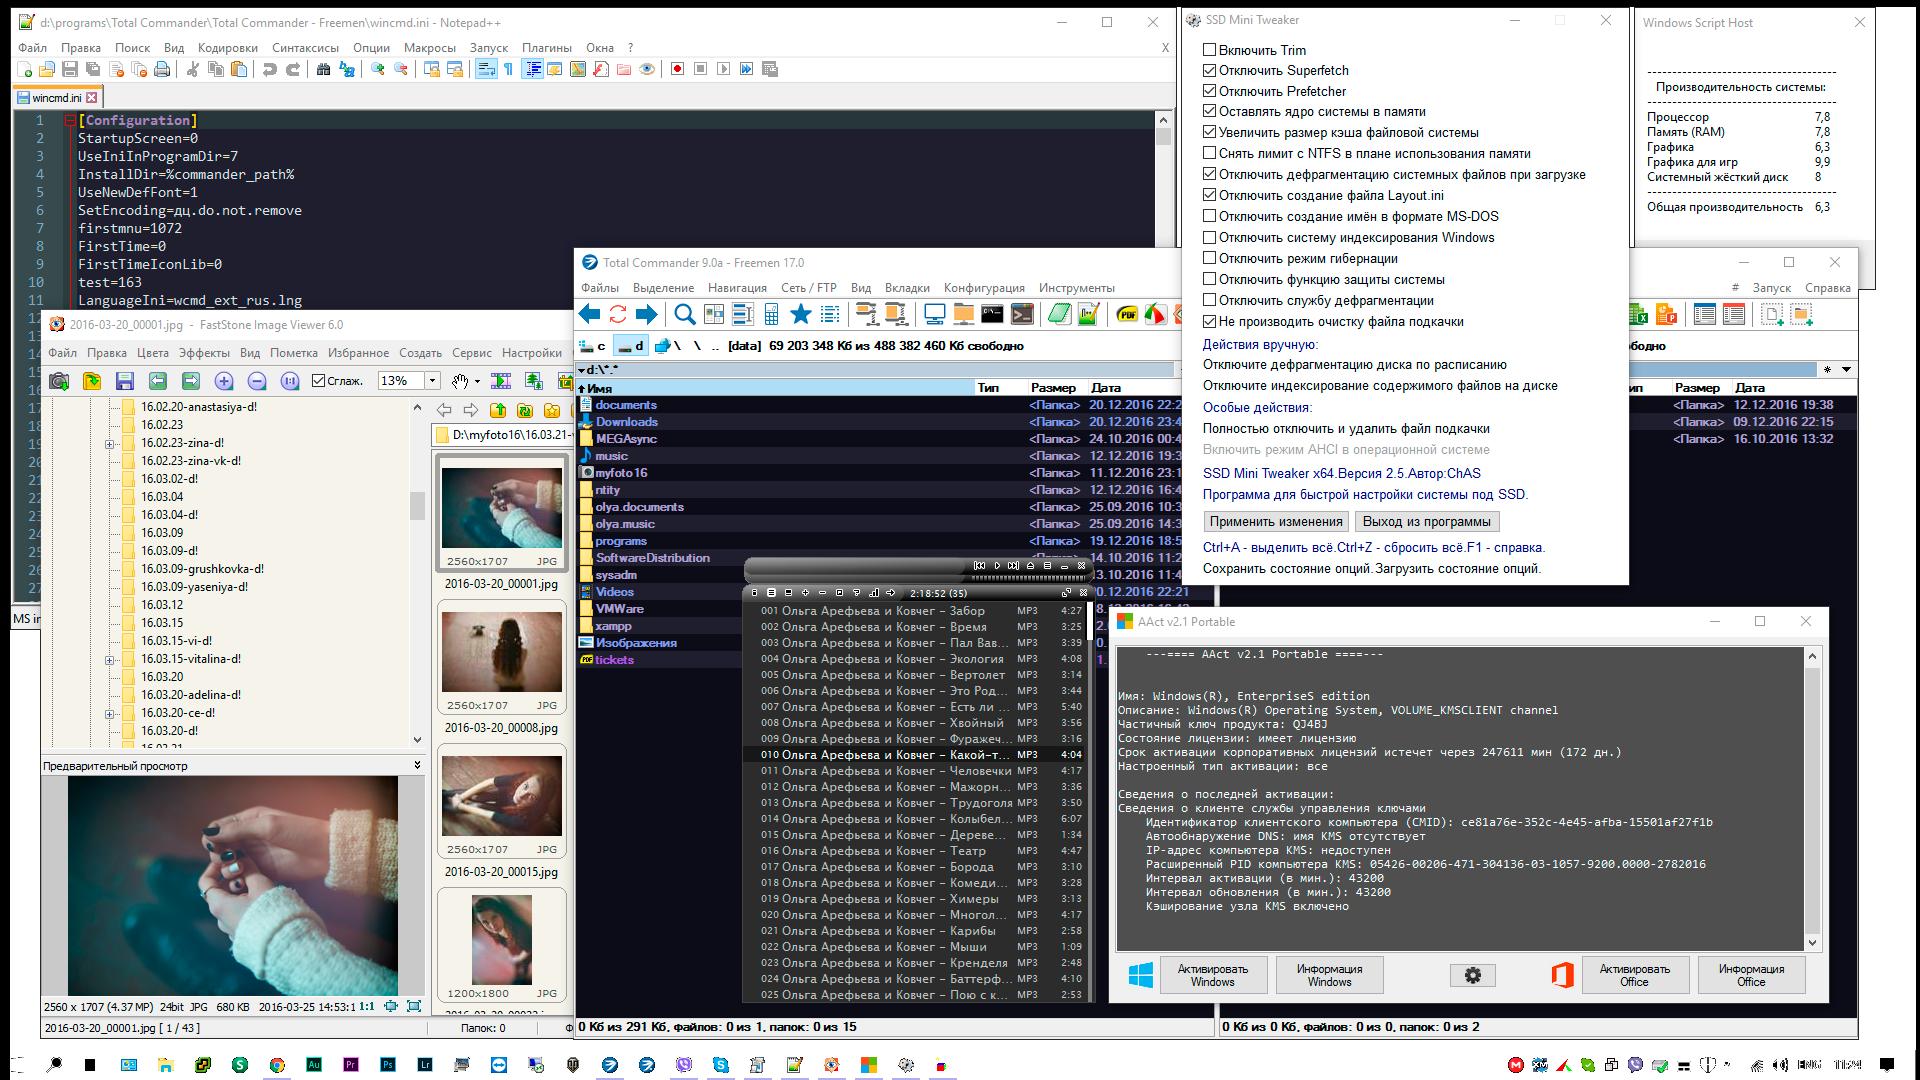 Скриншот к Total Commander 9.0a Freemen 17.0 (2016) PC